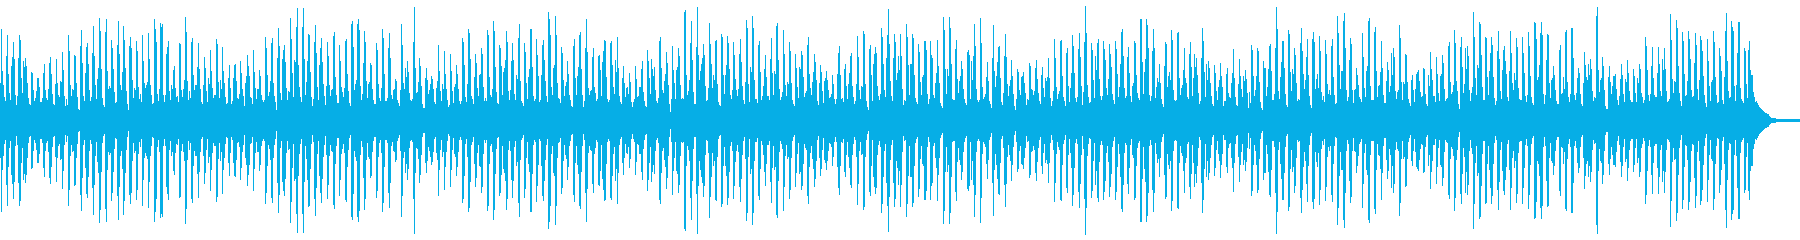 【メロディ・リズム・ベース抜き】明るく…の再生済みの波形